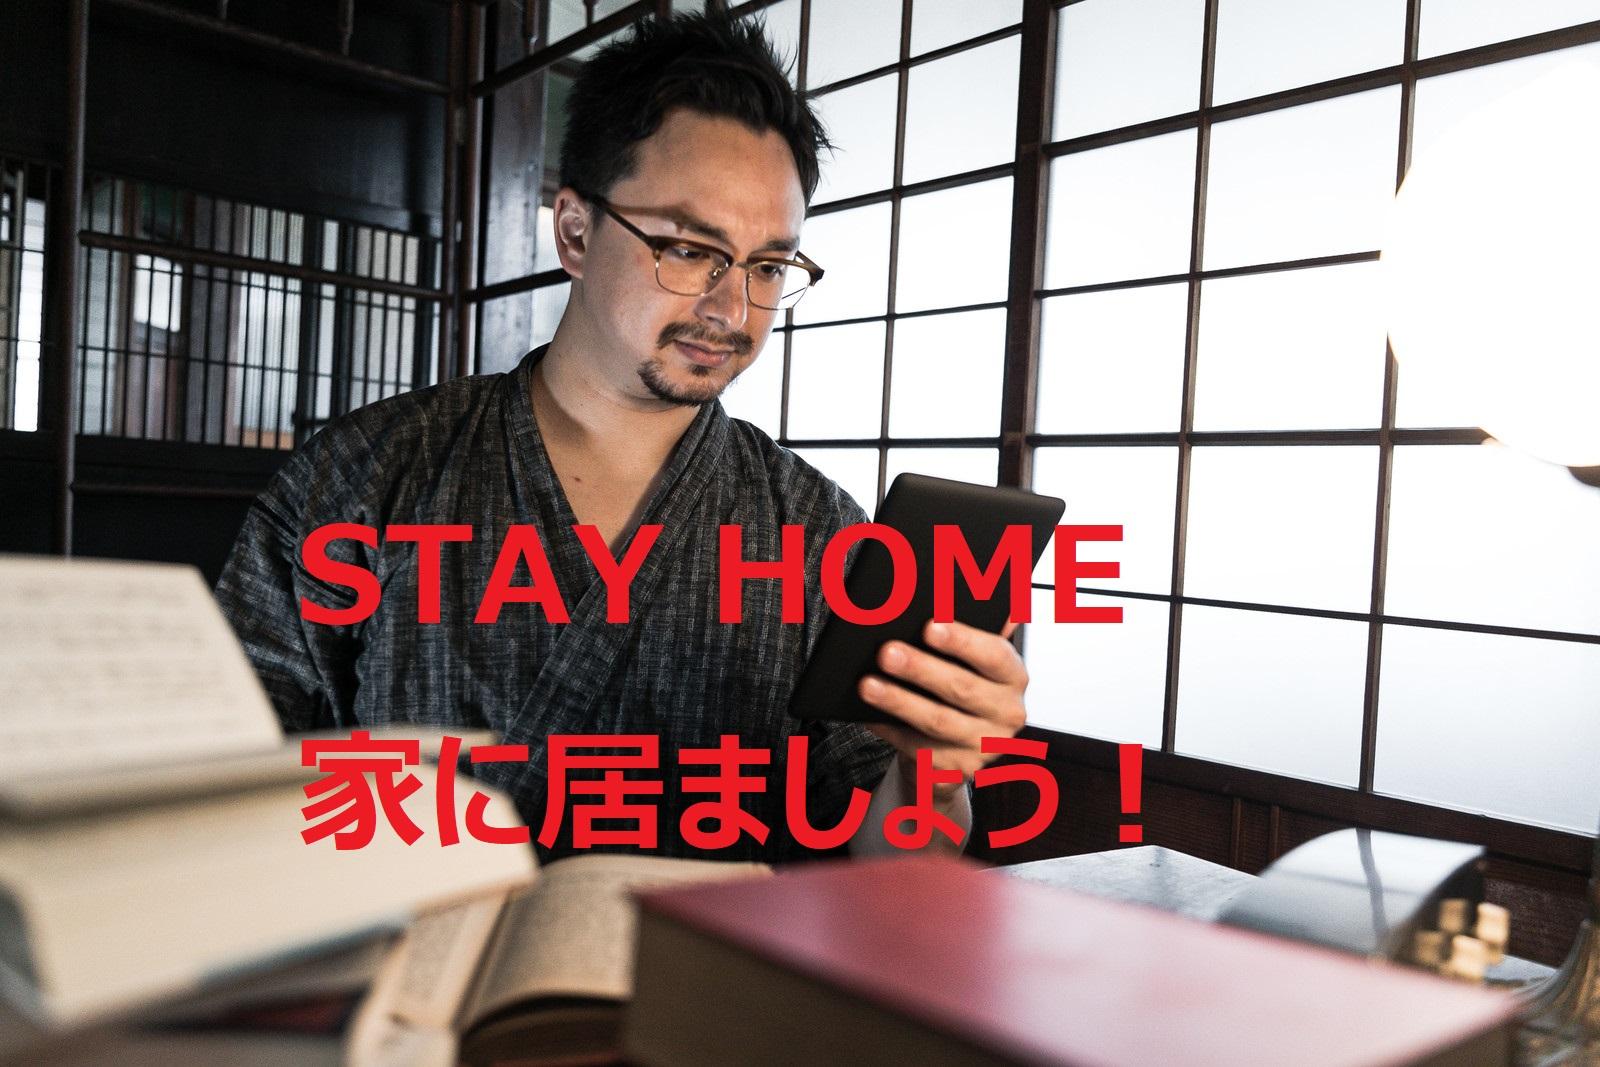 鹿児島県も緊急事態宣言対象に、緊急事態宣言を受け、三反園知事が緊急会見を行いました。 イメージ画像